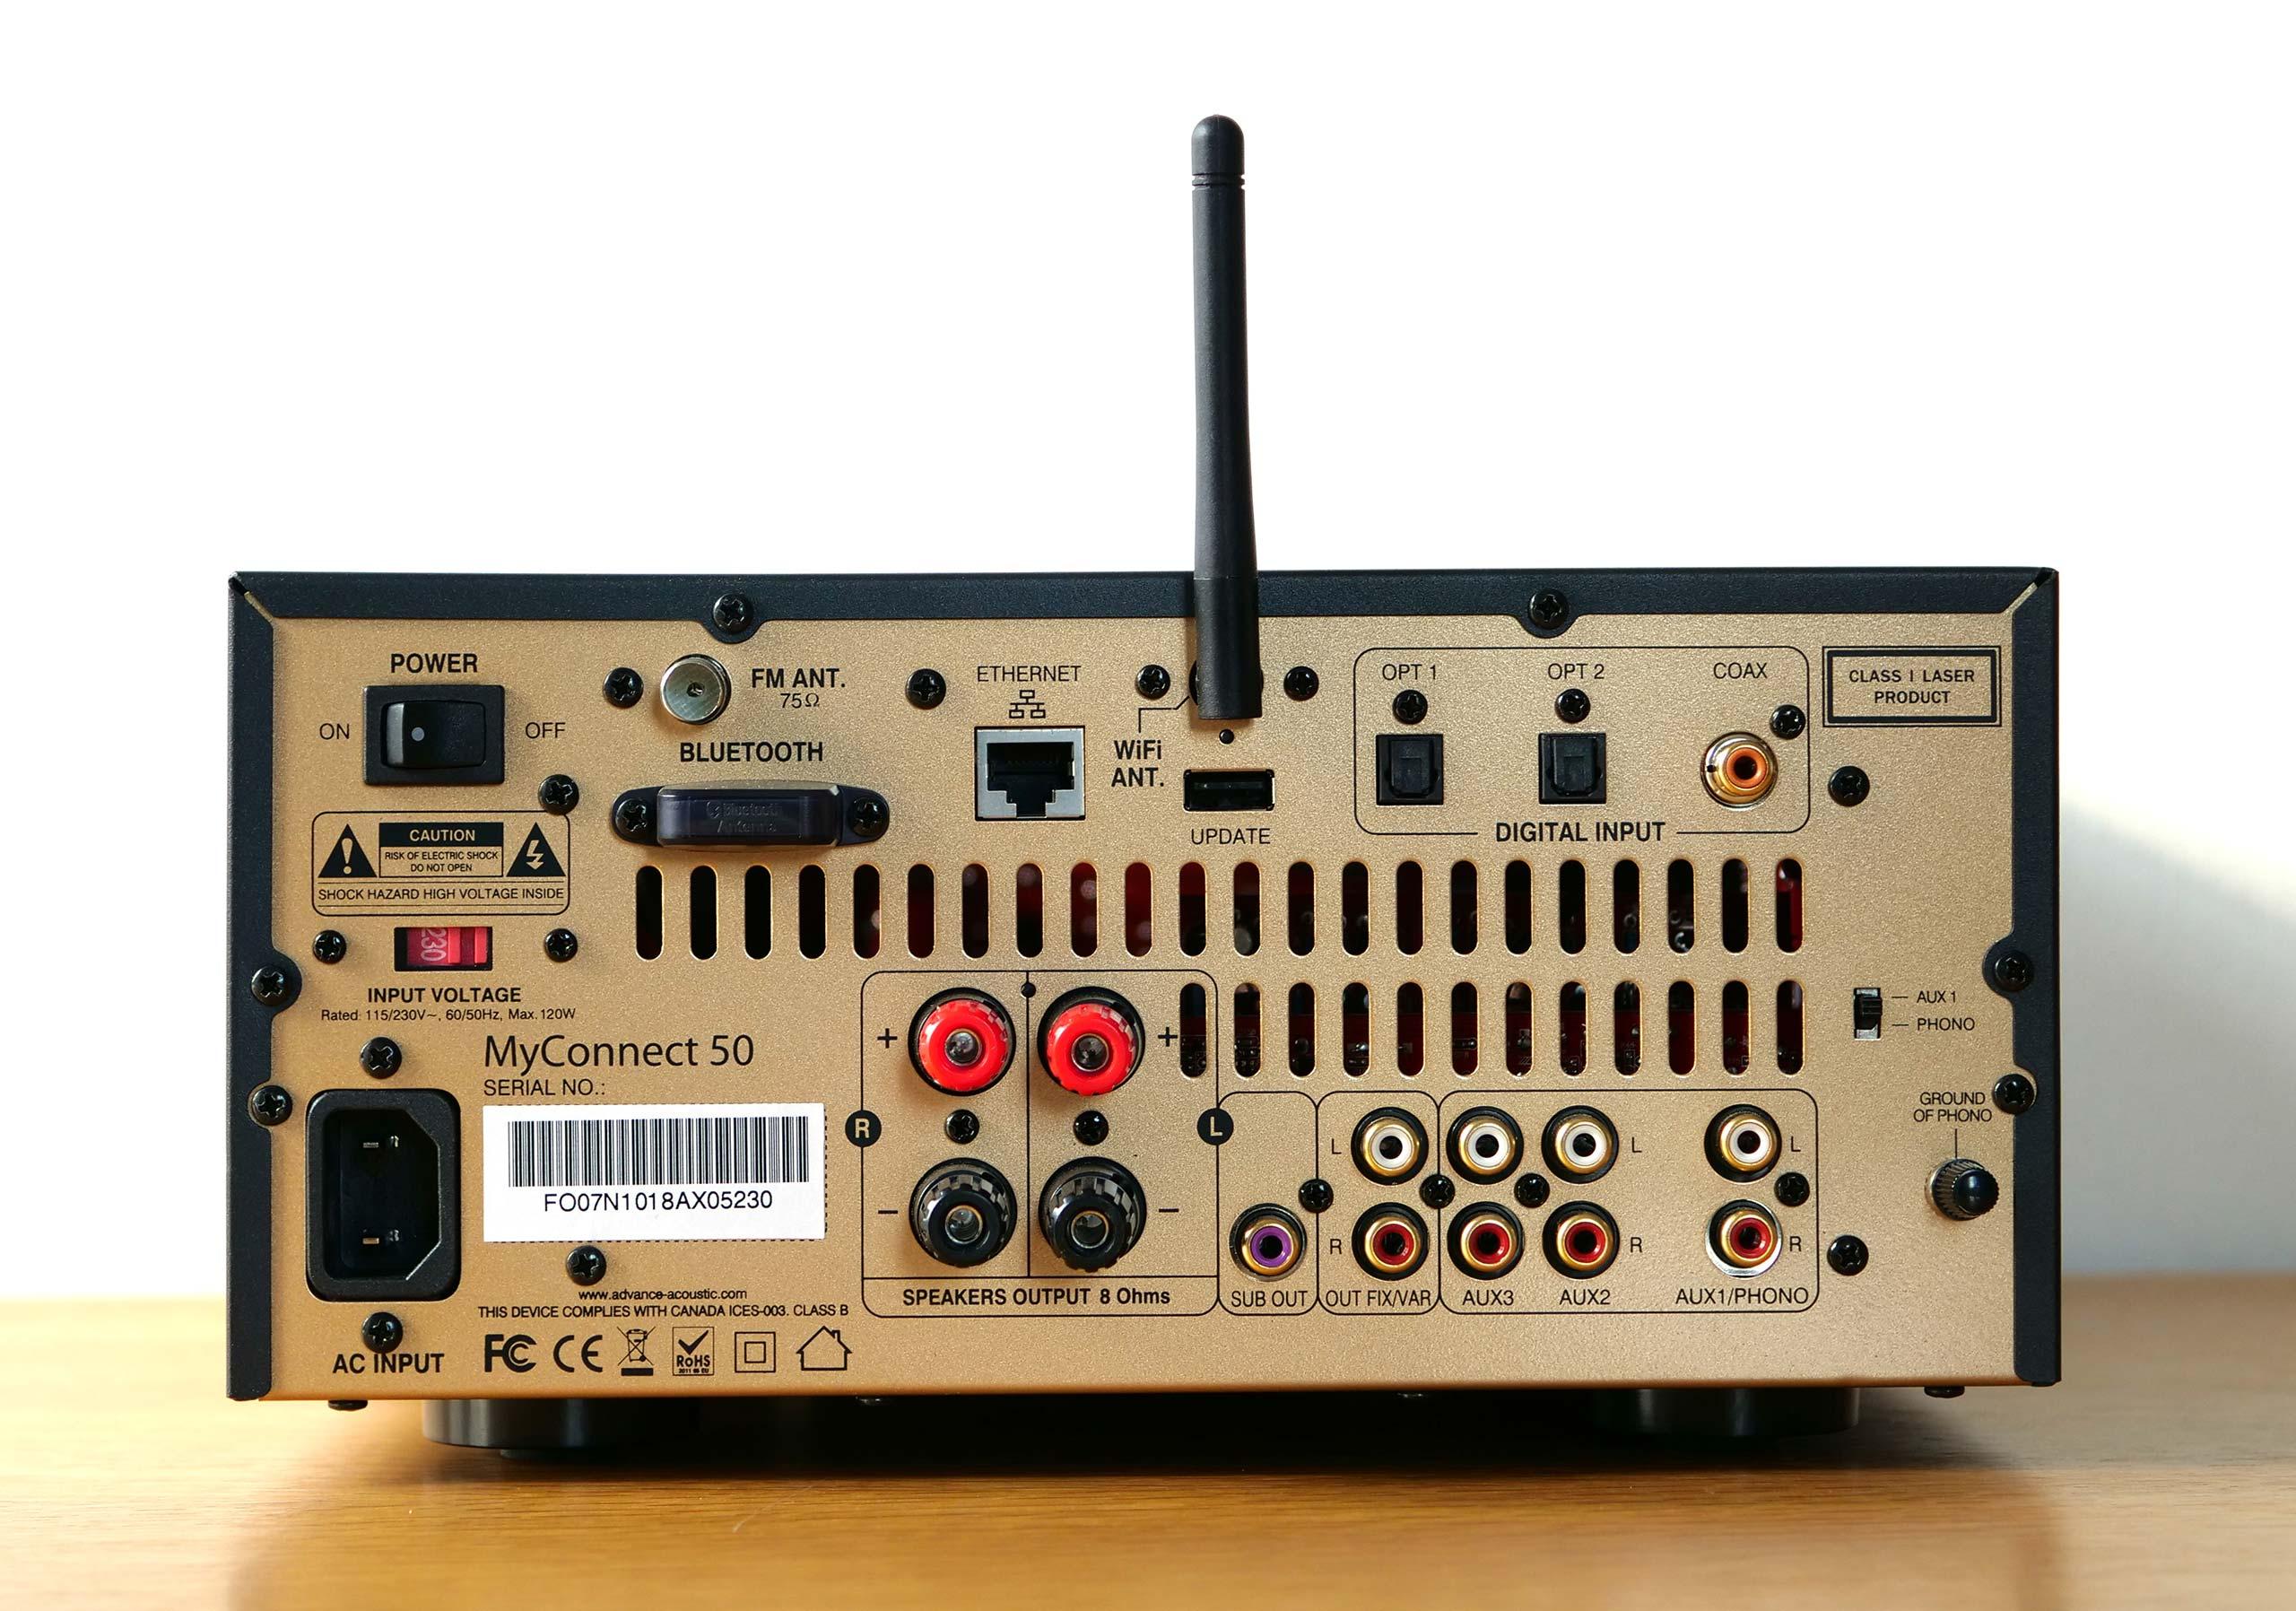 Sur la face arrière, les différentes connectiques sont réparties par zones: réseau et Bluetooth en haut à gauche, numérique en haut à droite, haut-parleur en bas à gauche, analogique en bas à droite.